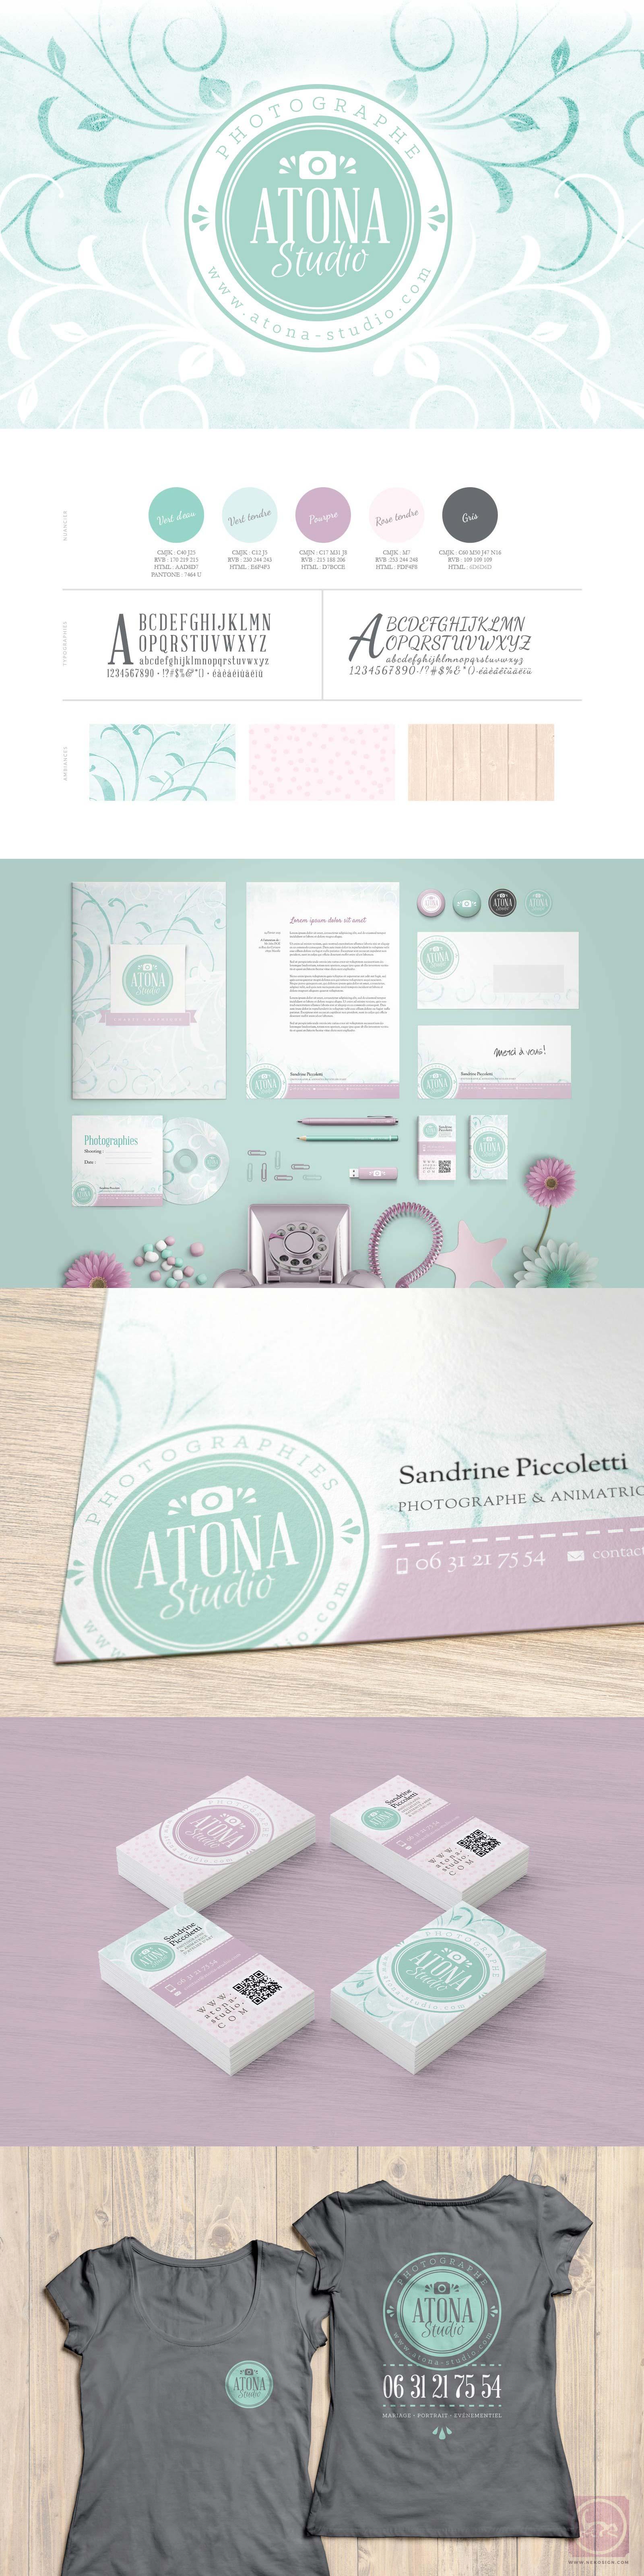 Identité Atona Studio v2